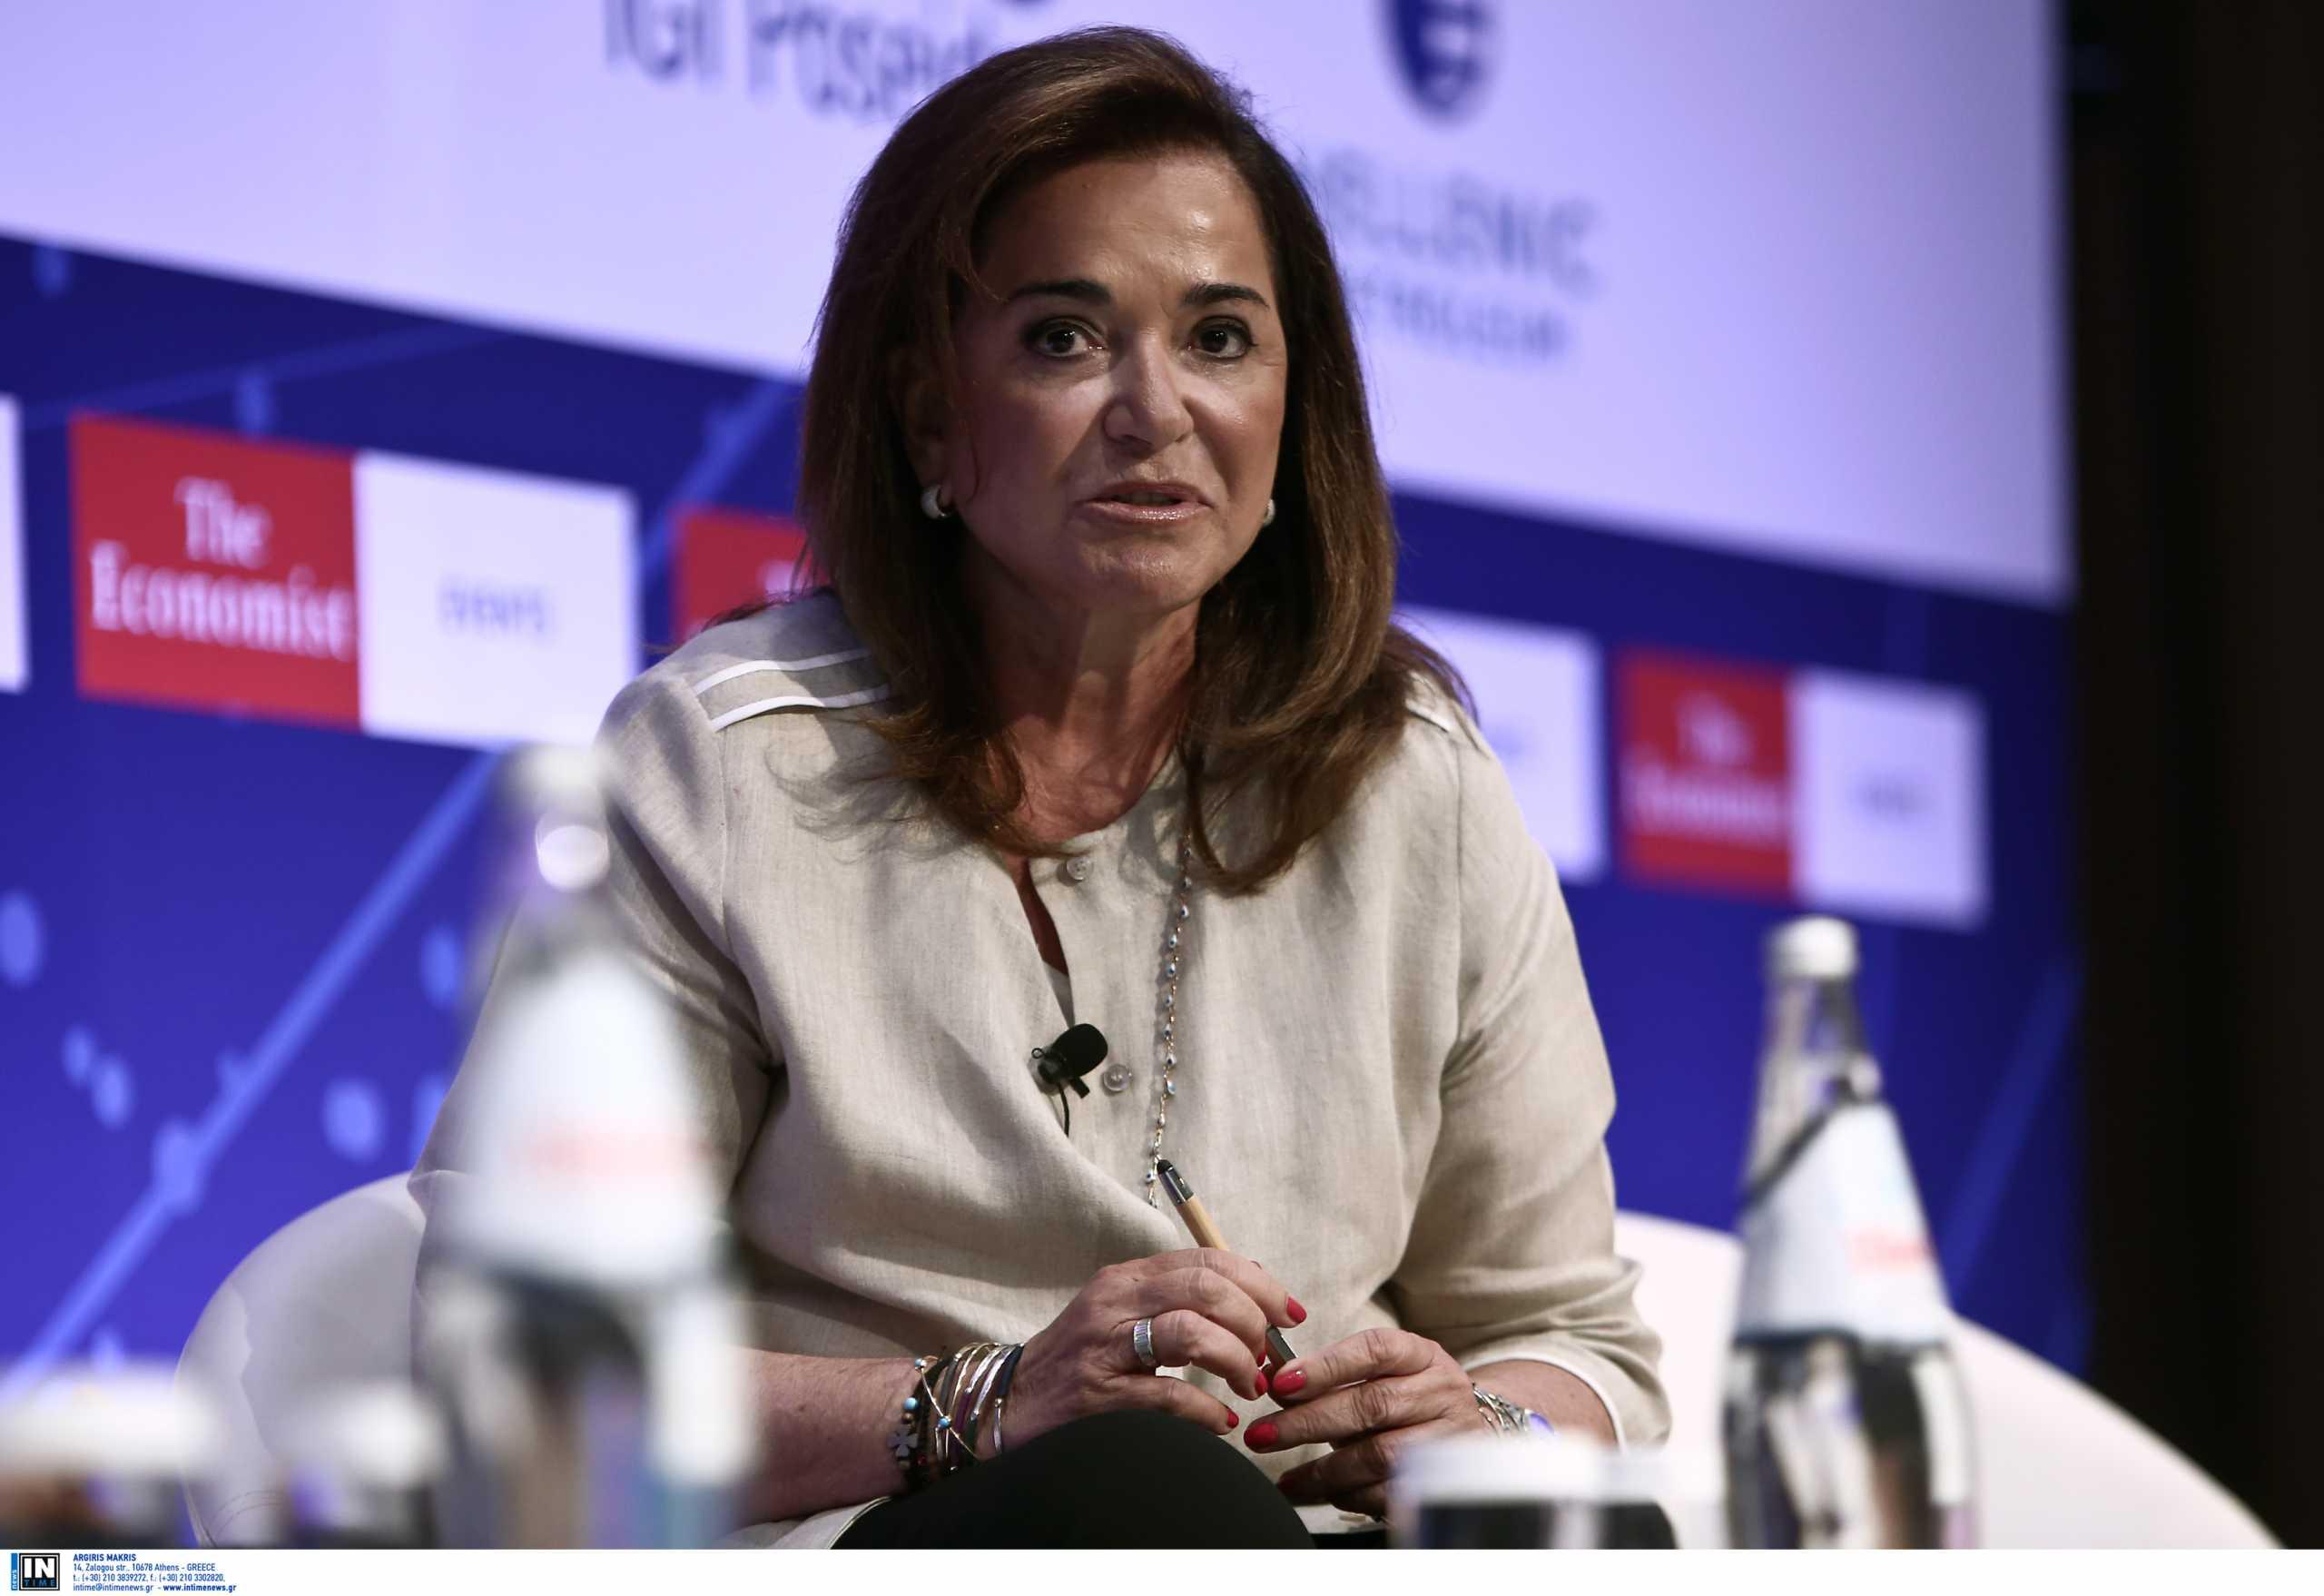 Μπακογιάννη στον Economist: Το Κράτος έκανε ό,τι μπορούσε για να ενισχύσει την αμφισβήτηση των πολιτών